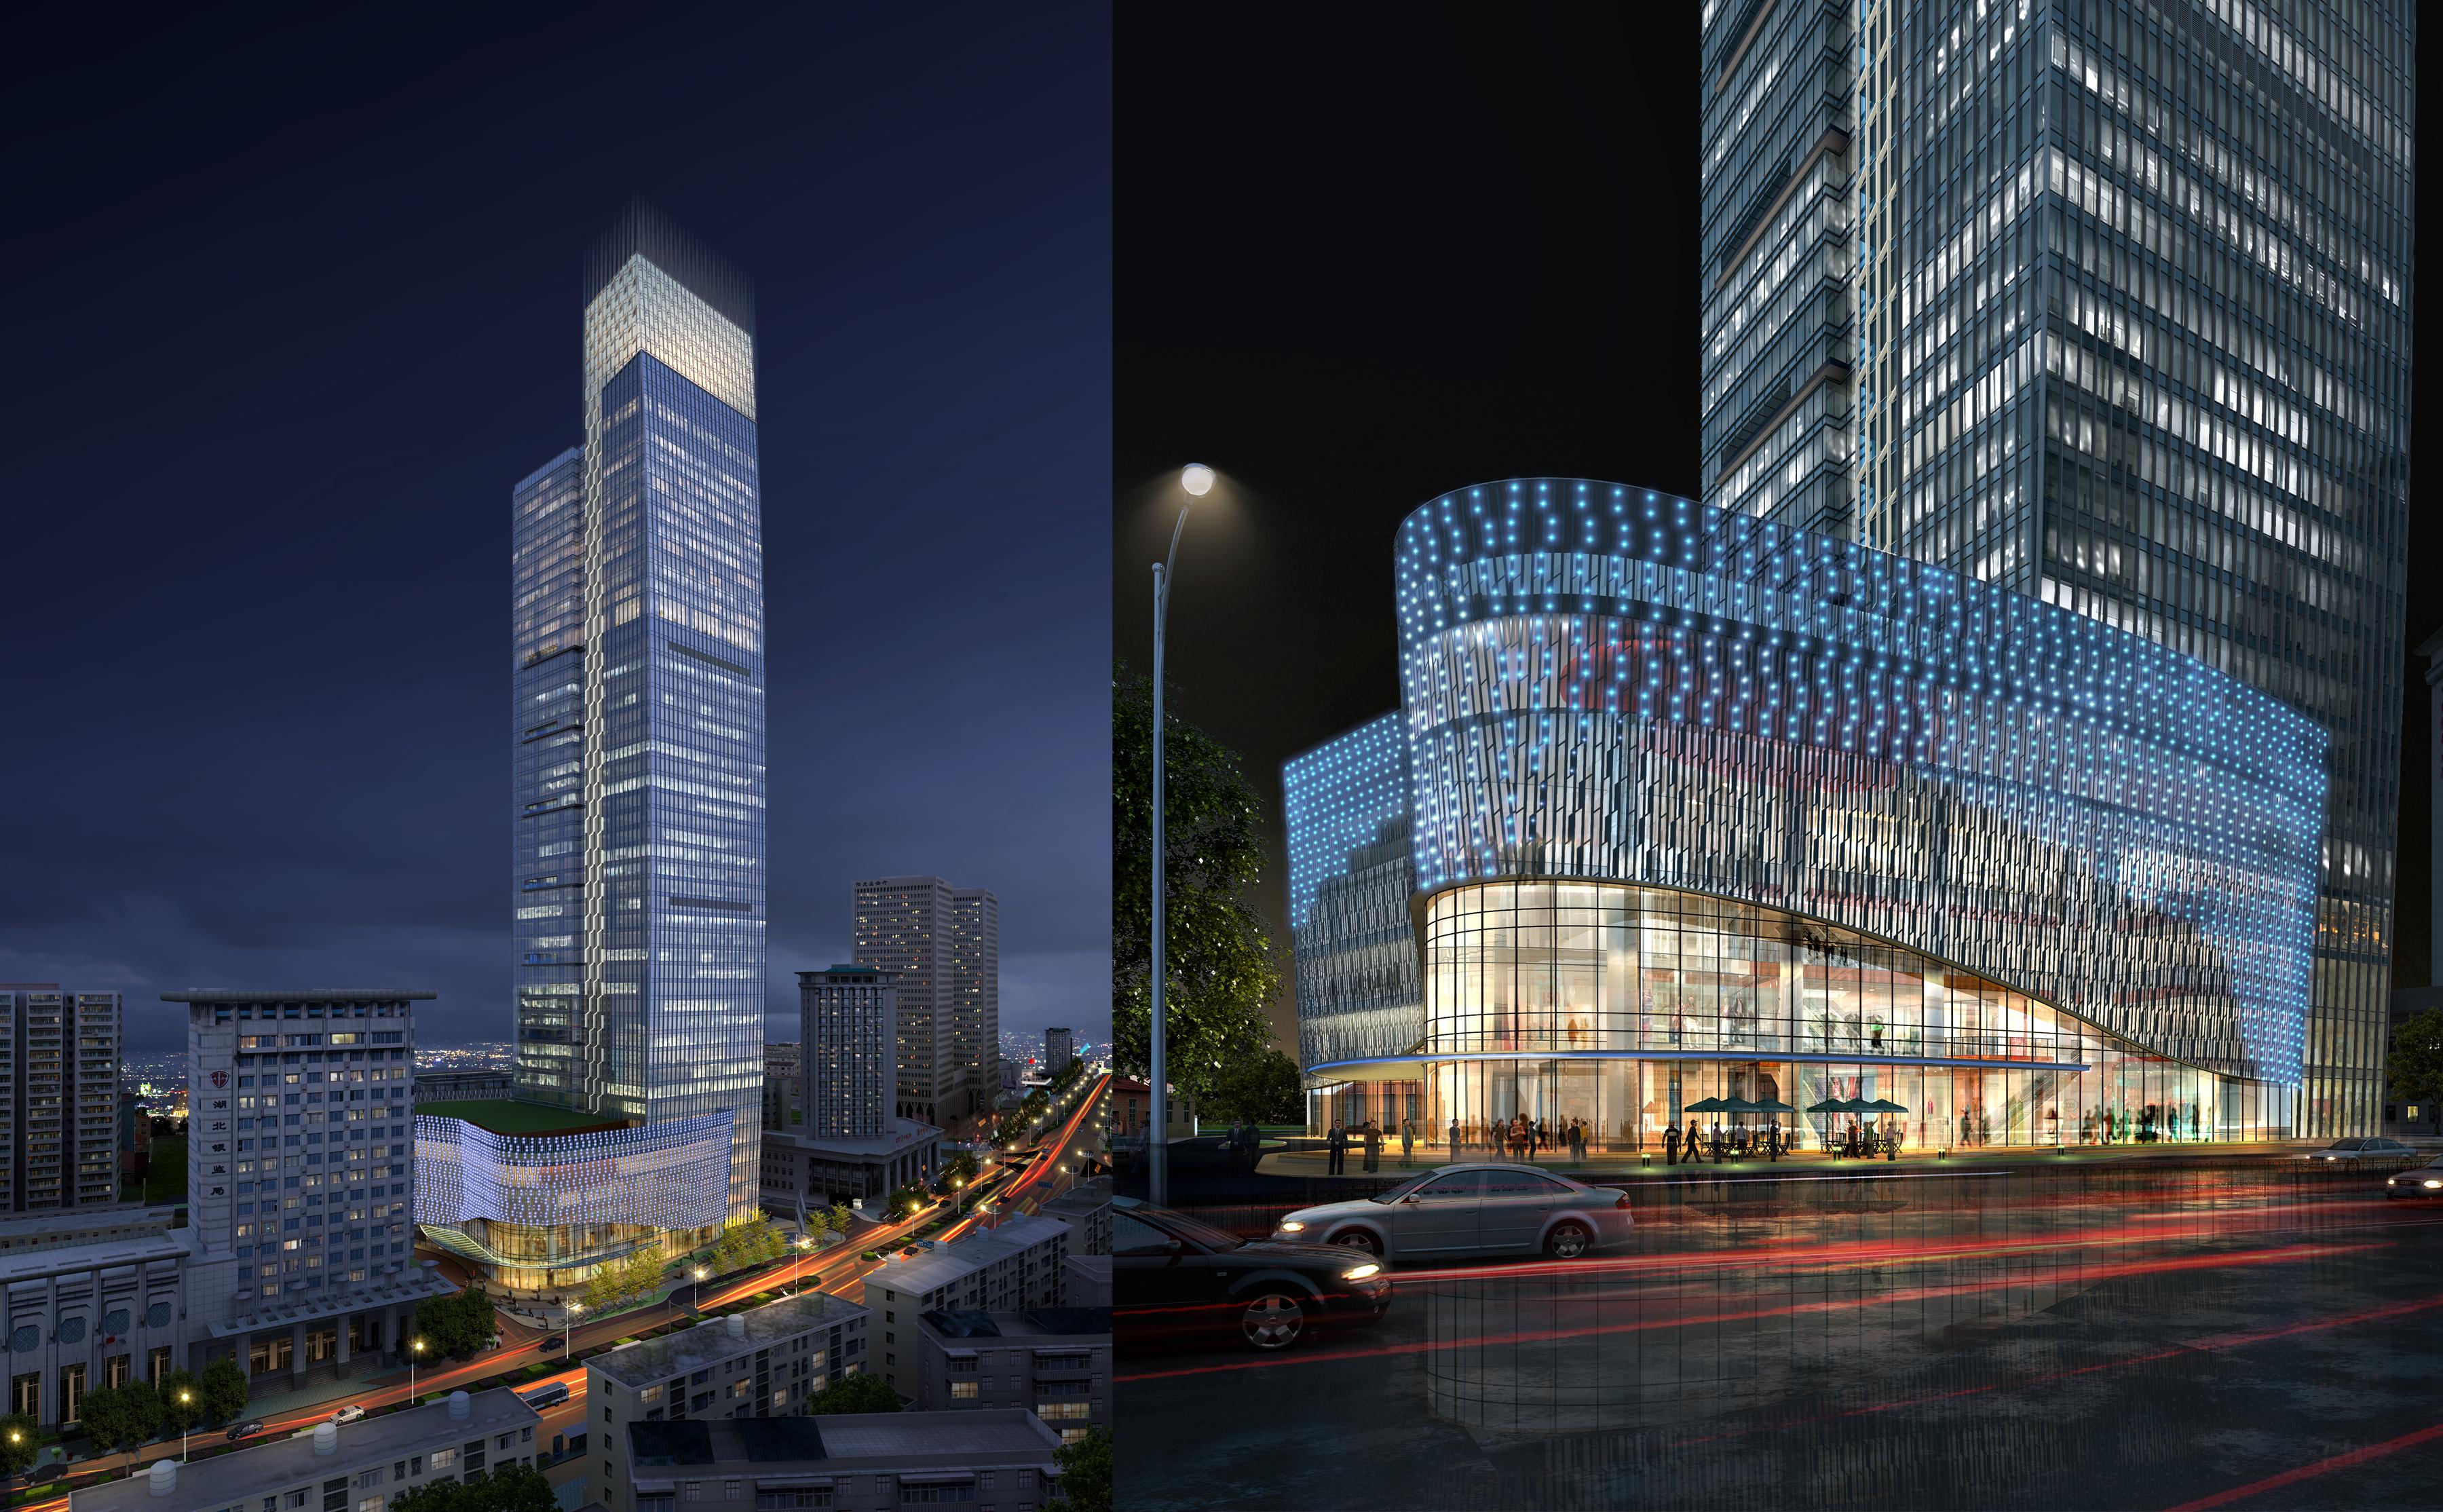 felhőkarcoló üzleti központ 051 3d modell max 206182